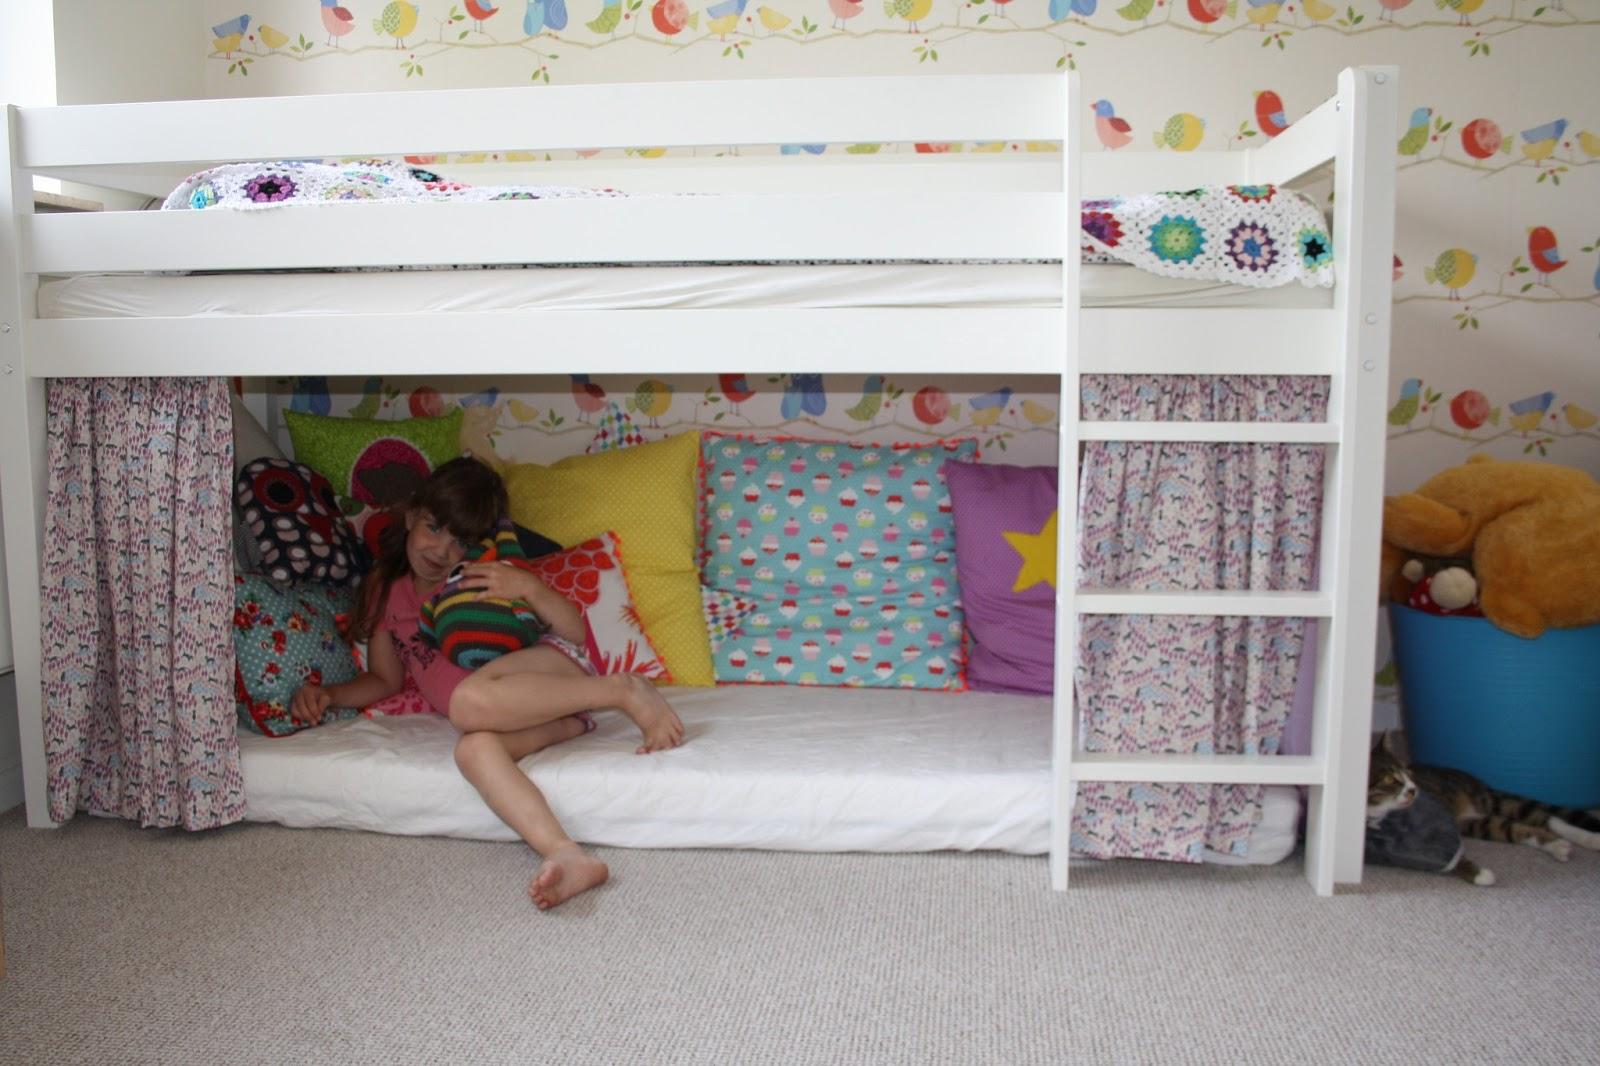 seng med hule Stjernefrø: Puder, puder og en seng med hule seng med hule